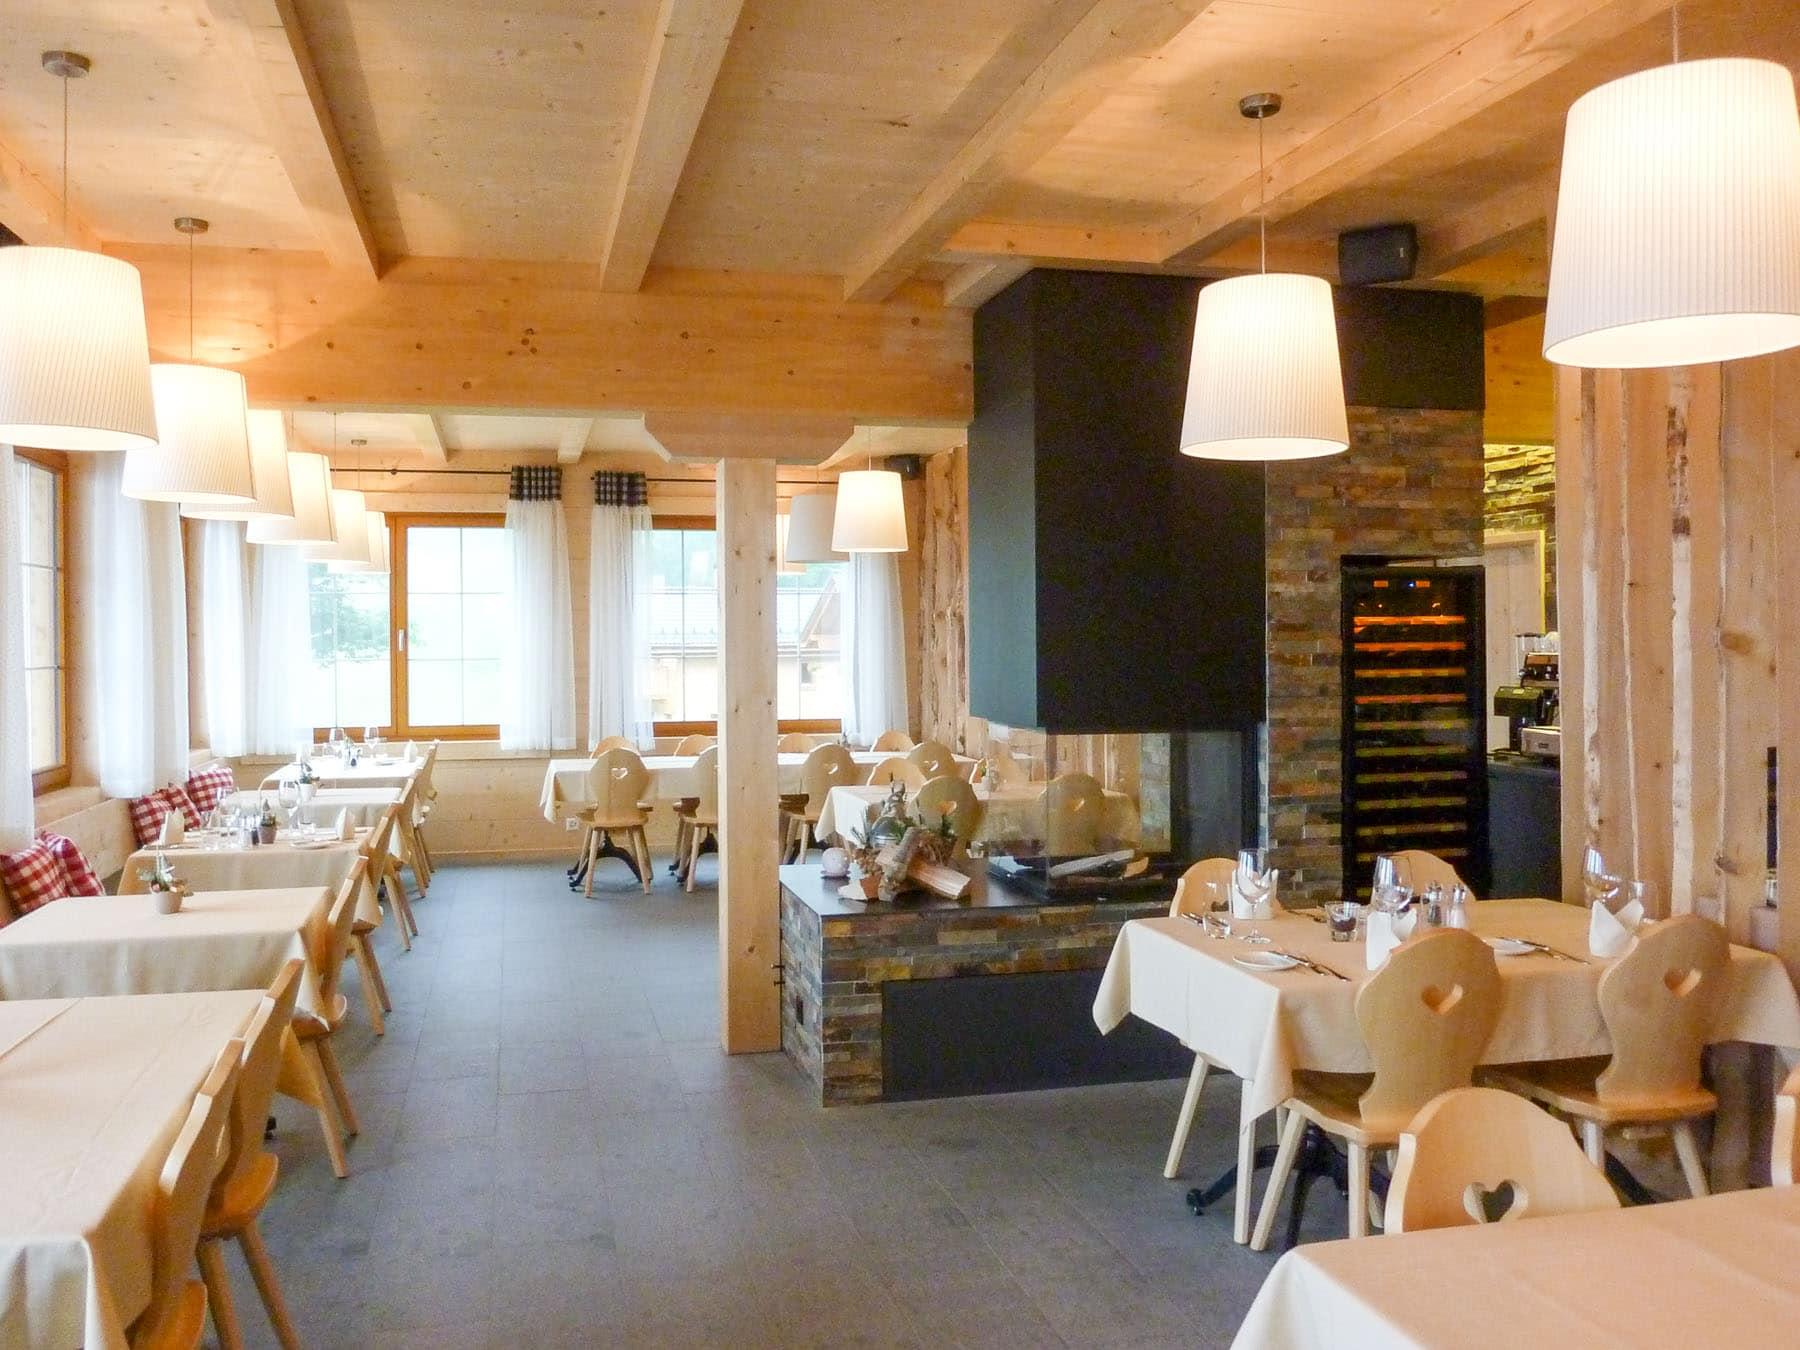 11-Restaurant-geschlossen-bearbeitet